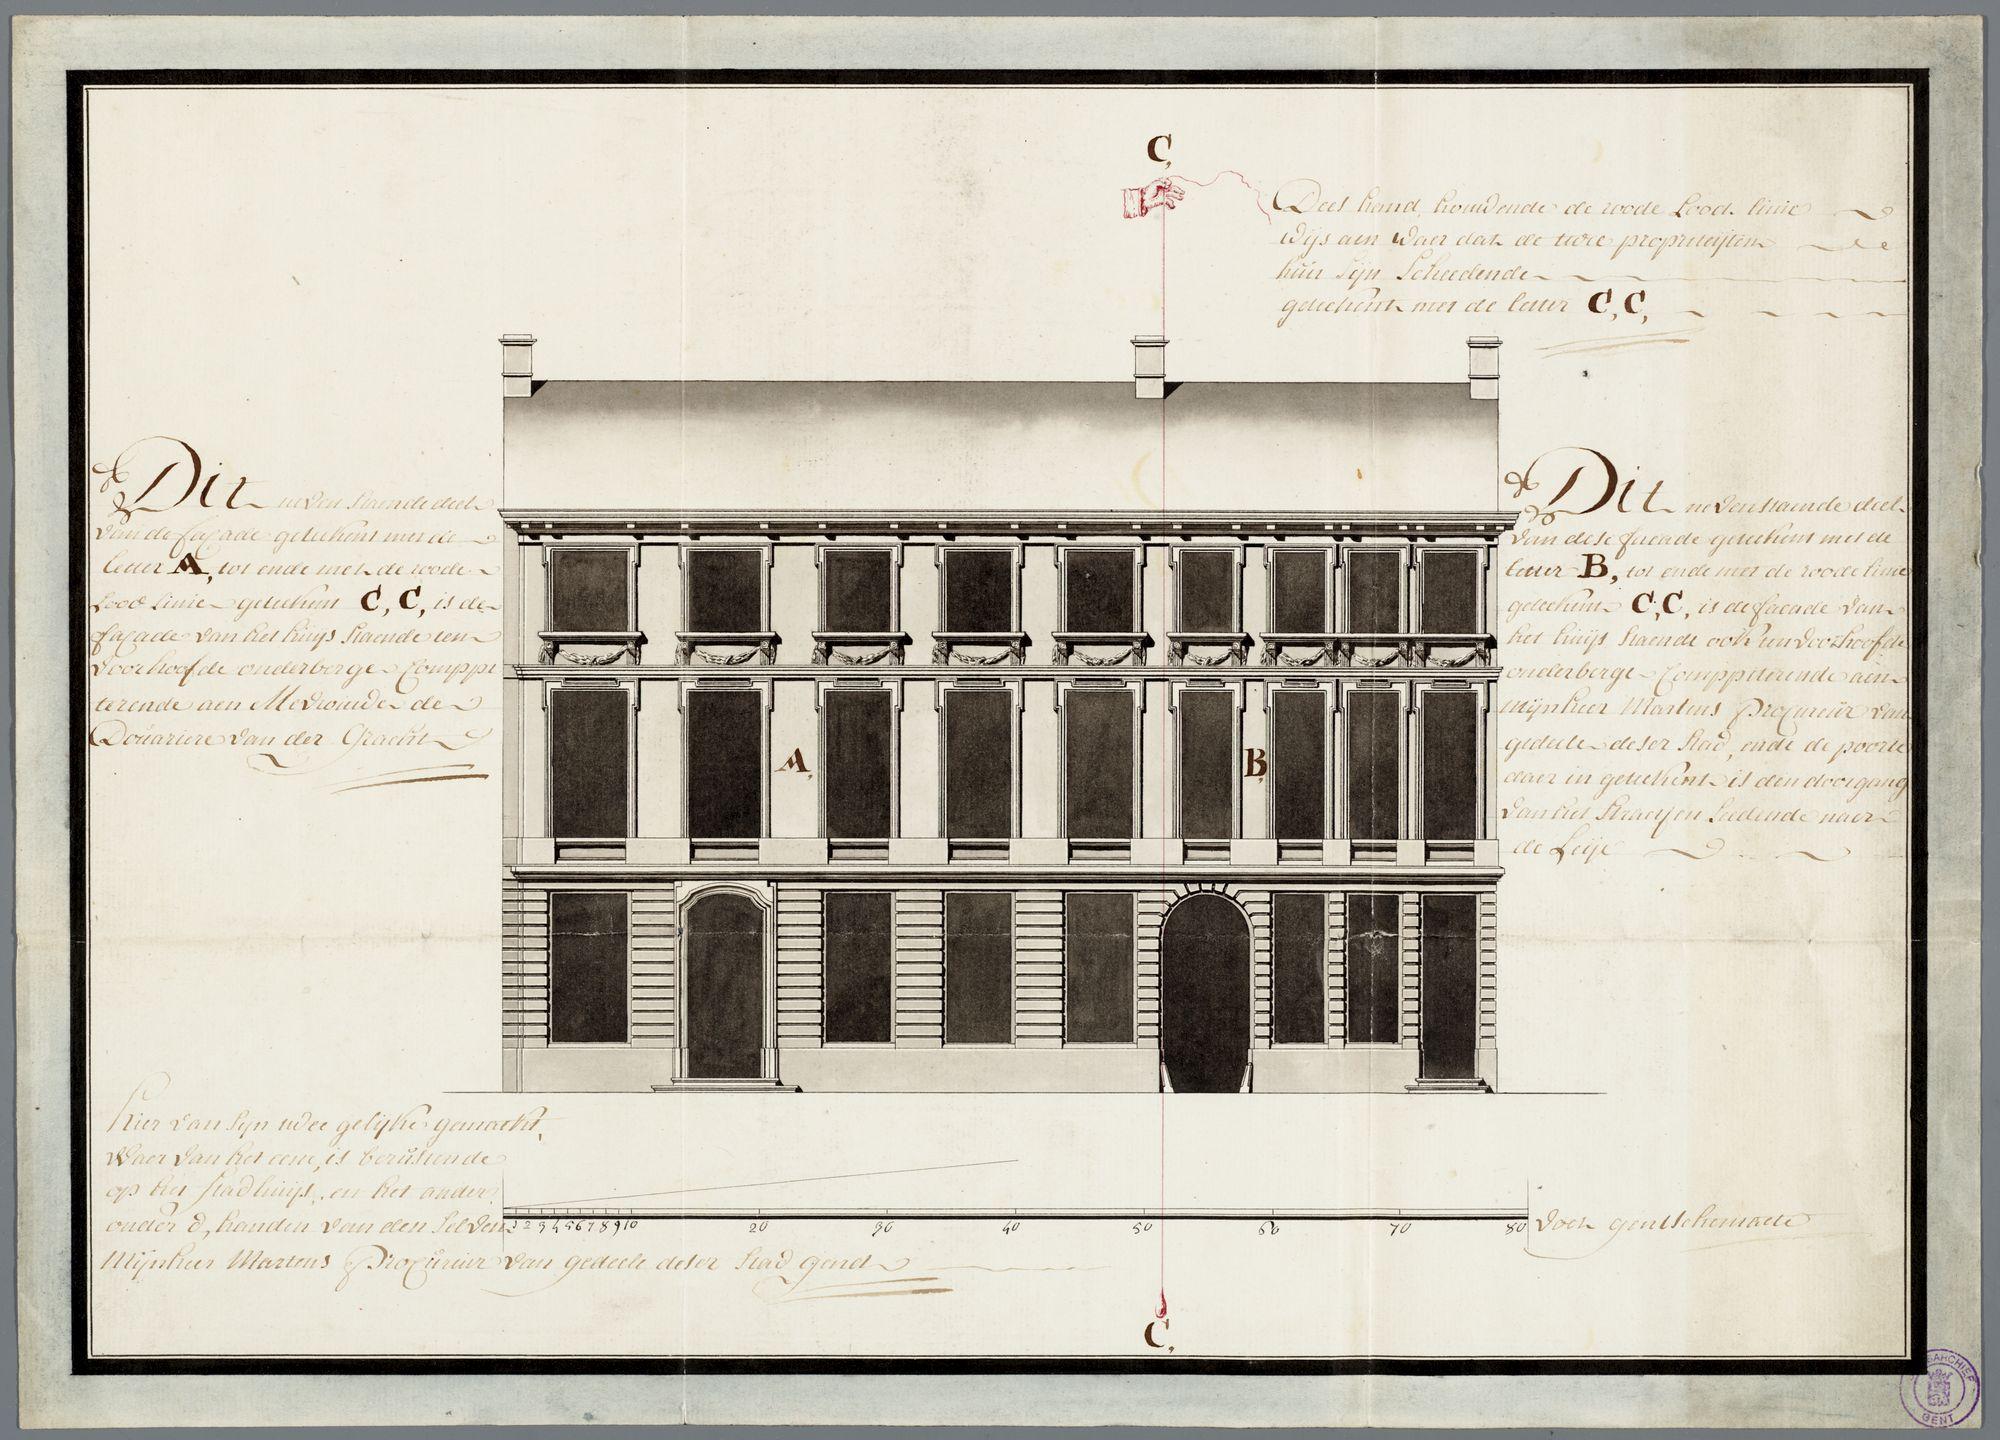 Gent: Onderbergen, 1779: opstand gevel